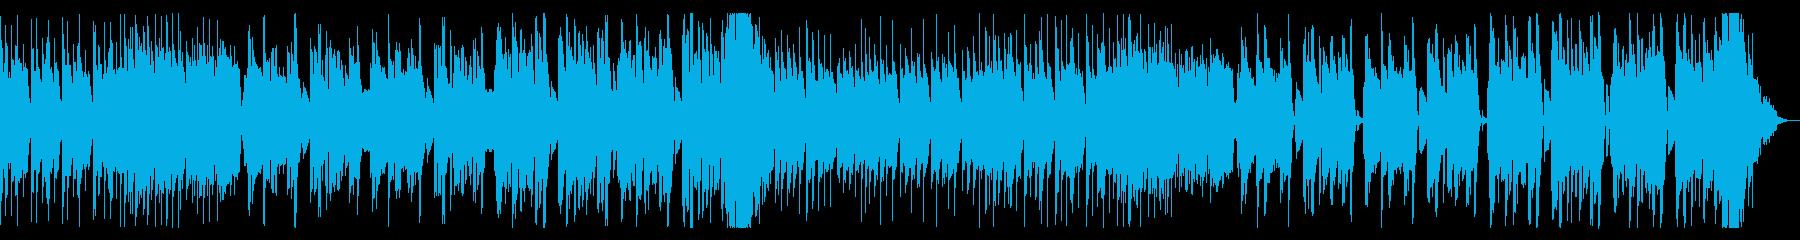 アッパーなフューチャーベースEDMの再生済みの波形